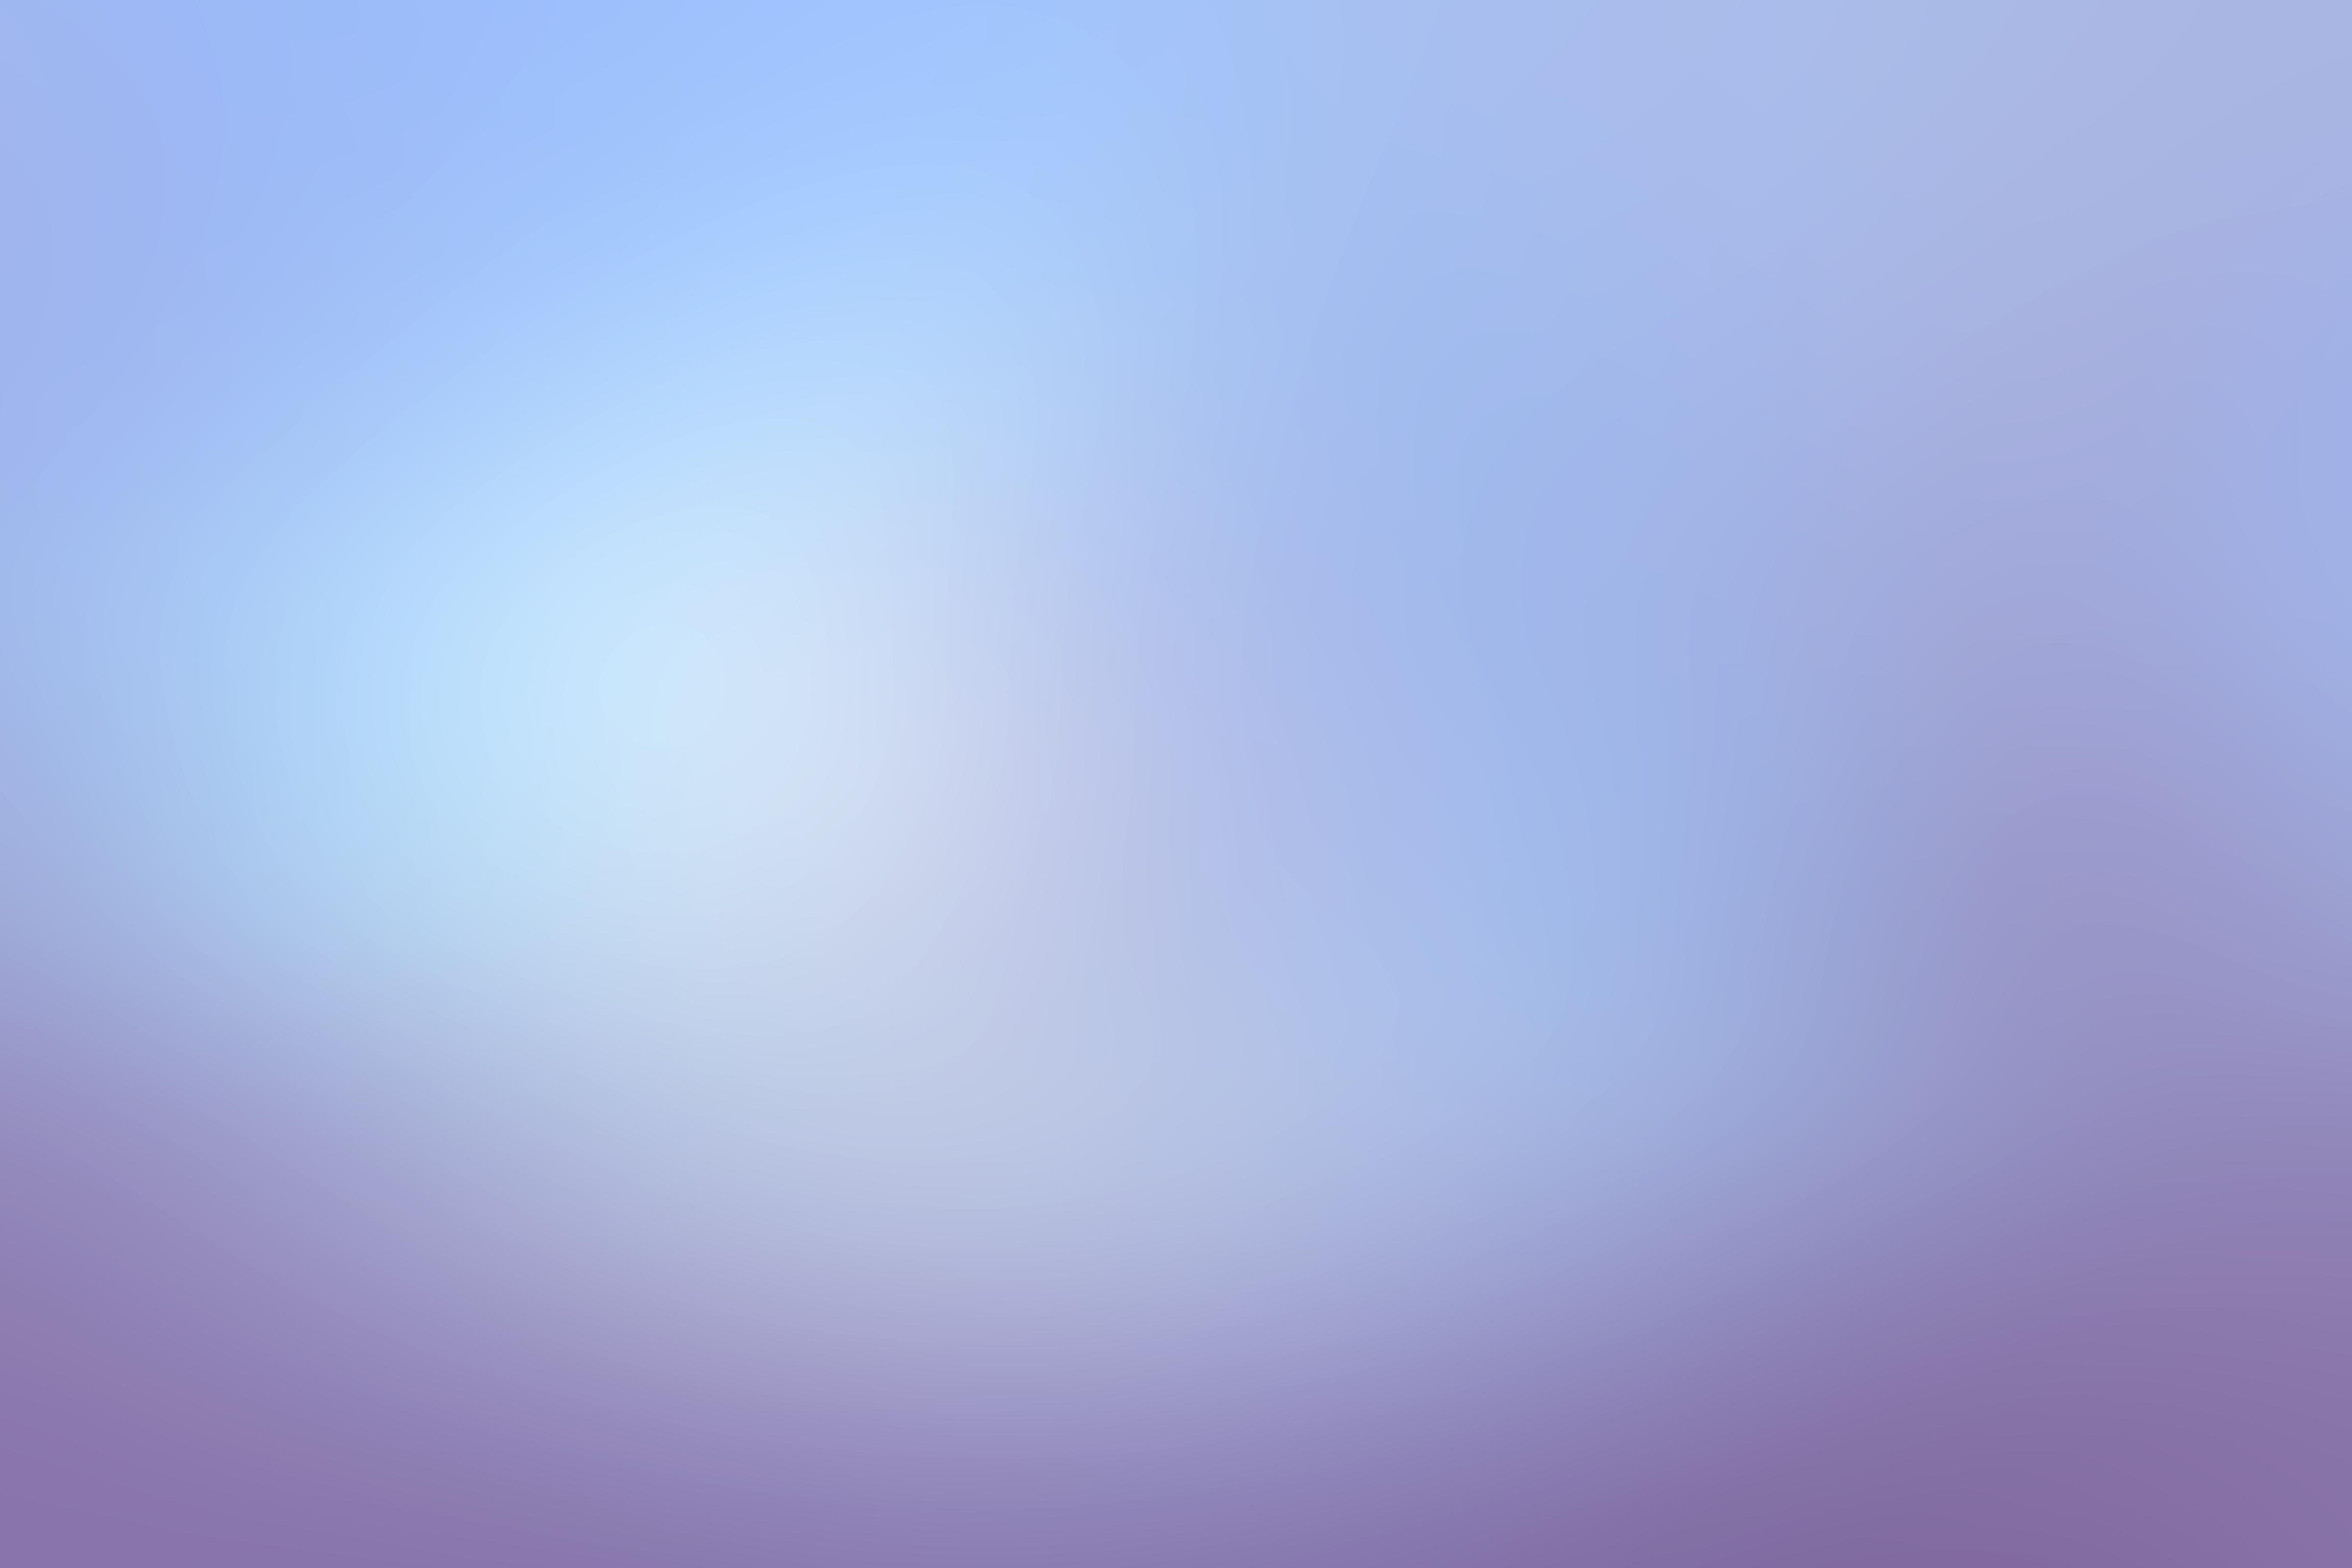 Blue To Purple 4k Ultra Fond Décran Hd Arrière Plan 4608x3072